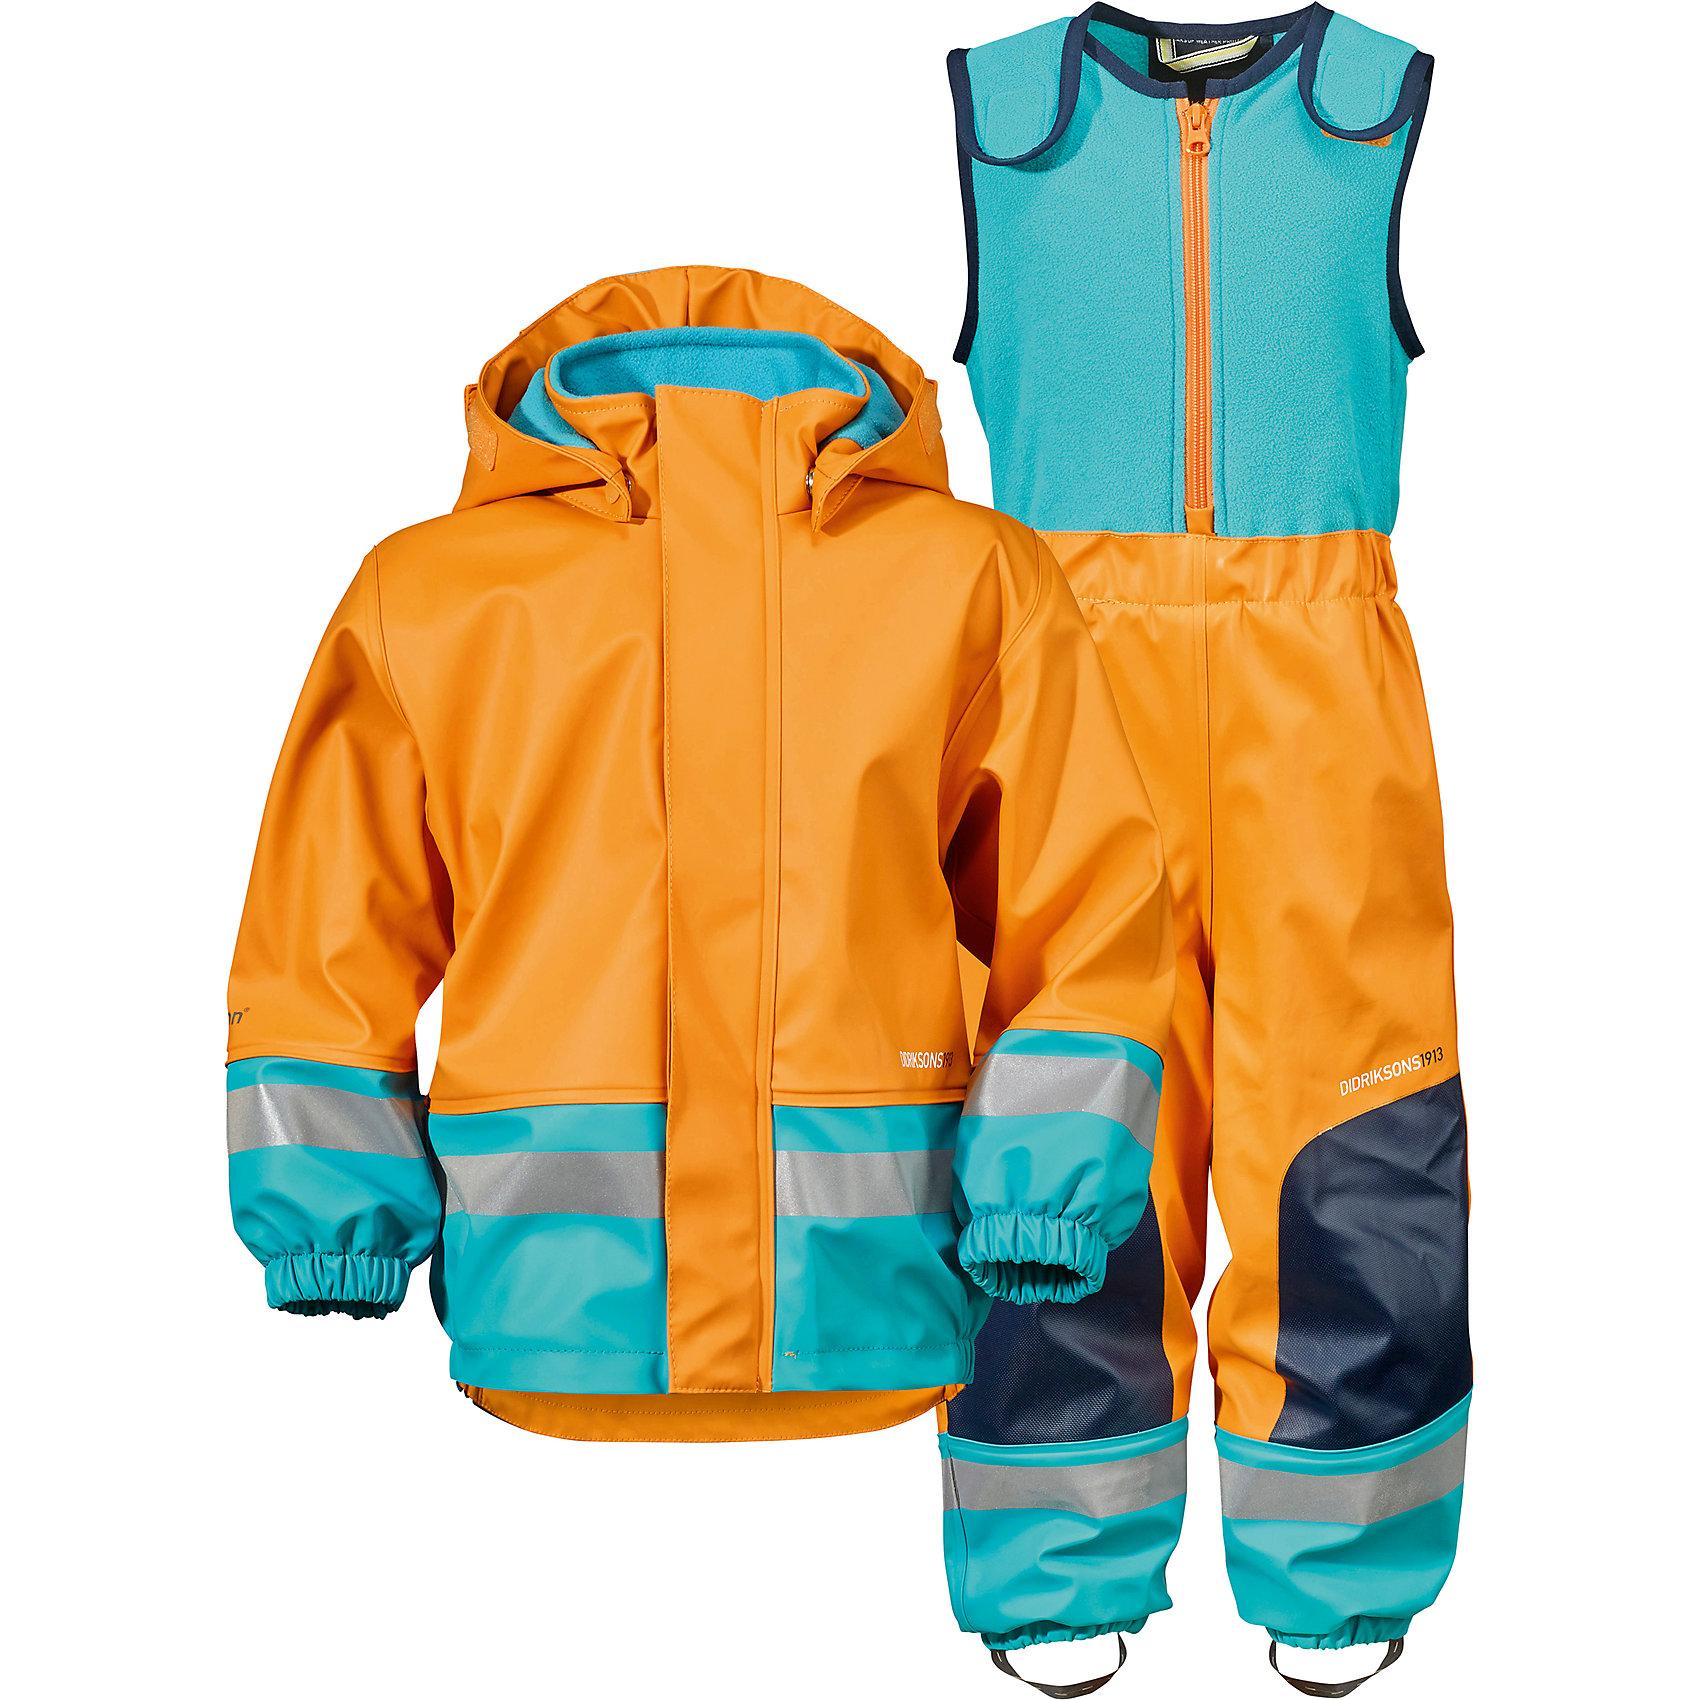 Непромокаемый комплект BOARDMAN  DIDRIKSONSВерхняя одежда<br>Детский костюм из абсолютно водронепроницаемого мягкого полиуретана Galon на подкладке из флиса. Все швы проклеены, что обеспечивает максимальную защиту от внешней влаги. Регулируемый съемный капюшон и пояс брюк. Резинки для ботинок. Фронтальная молния под планкой. Зона коленей усилена дополнительным слоем ткани. Светоотражатели. Ткань - износоустойчивая, за ней легко ухаживать - грязь легко удаляется с помощью влажной губки или ткани. Костюм незаменим в ненастную прохладную погоду, рассчитан на температуру от 0 до +7. Ребёнок будет счастлив обмерить все лужи, залезть на все сугробы и прокатиться на грязных горках и останется сухим, а мама довольной.<br>Состав:<br>Верх - 100% полиуретан, подкладка - 100% полиэстер<br><br>Ширина мм: 356<br>Глубина мм: 10<br>Высота мм: 245<br>Вес г: 519<br>Цвет: оранжевый<br>Возраст от месяцев: 12<br>Возраст до месяцев: 15<br>Пол: Унисекс<br>Возраст: Детский<br>Размер: 80,70<br>SKU: 5527188